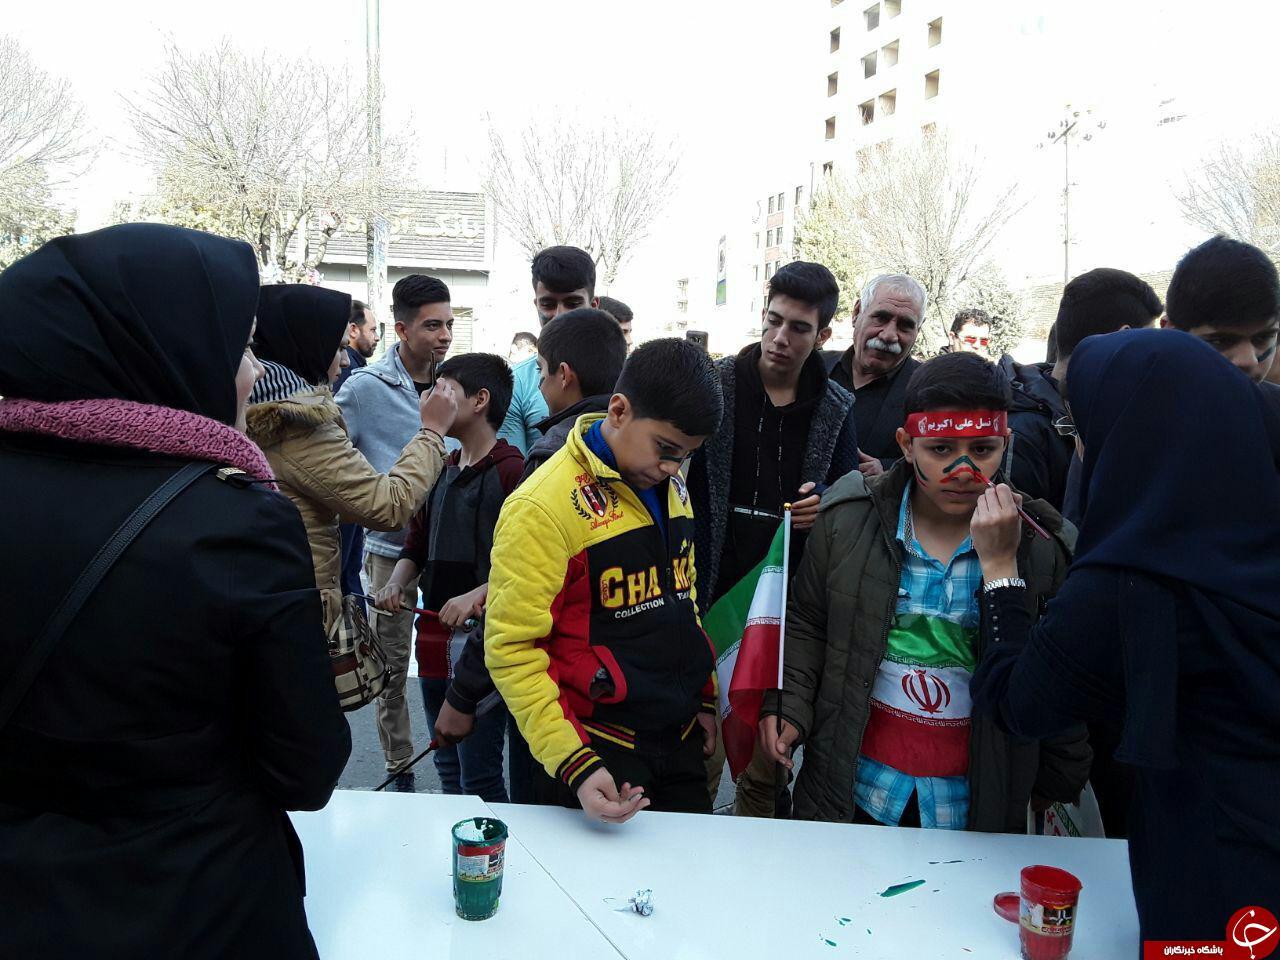 حضور عشایر کرمانشاه در راهپیمایی یوم الله 22 بهمن ماه+تصاویر